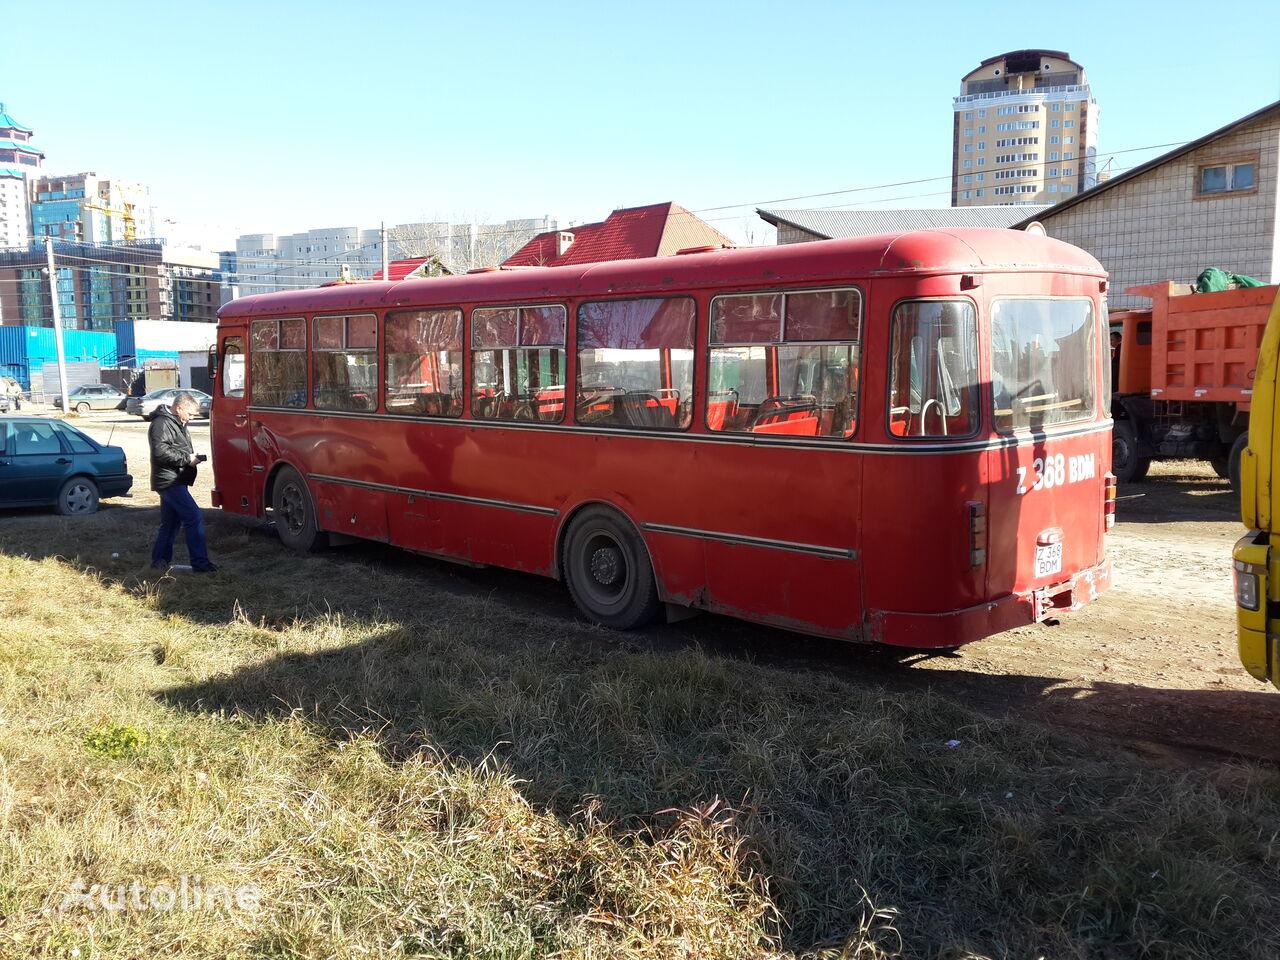 LIAZ 677 city bus